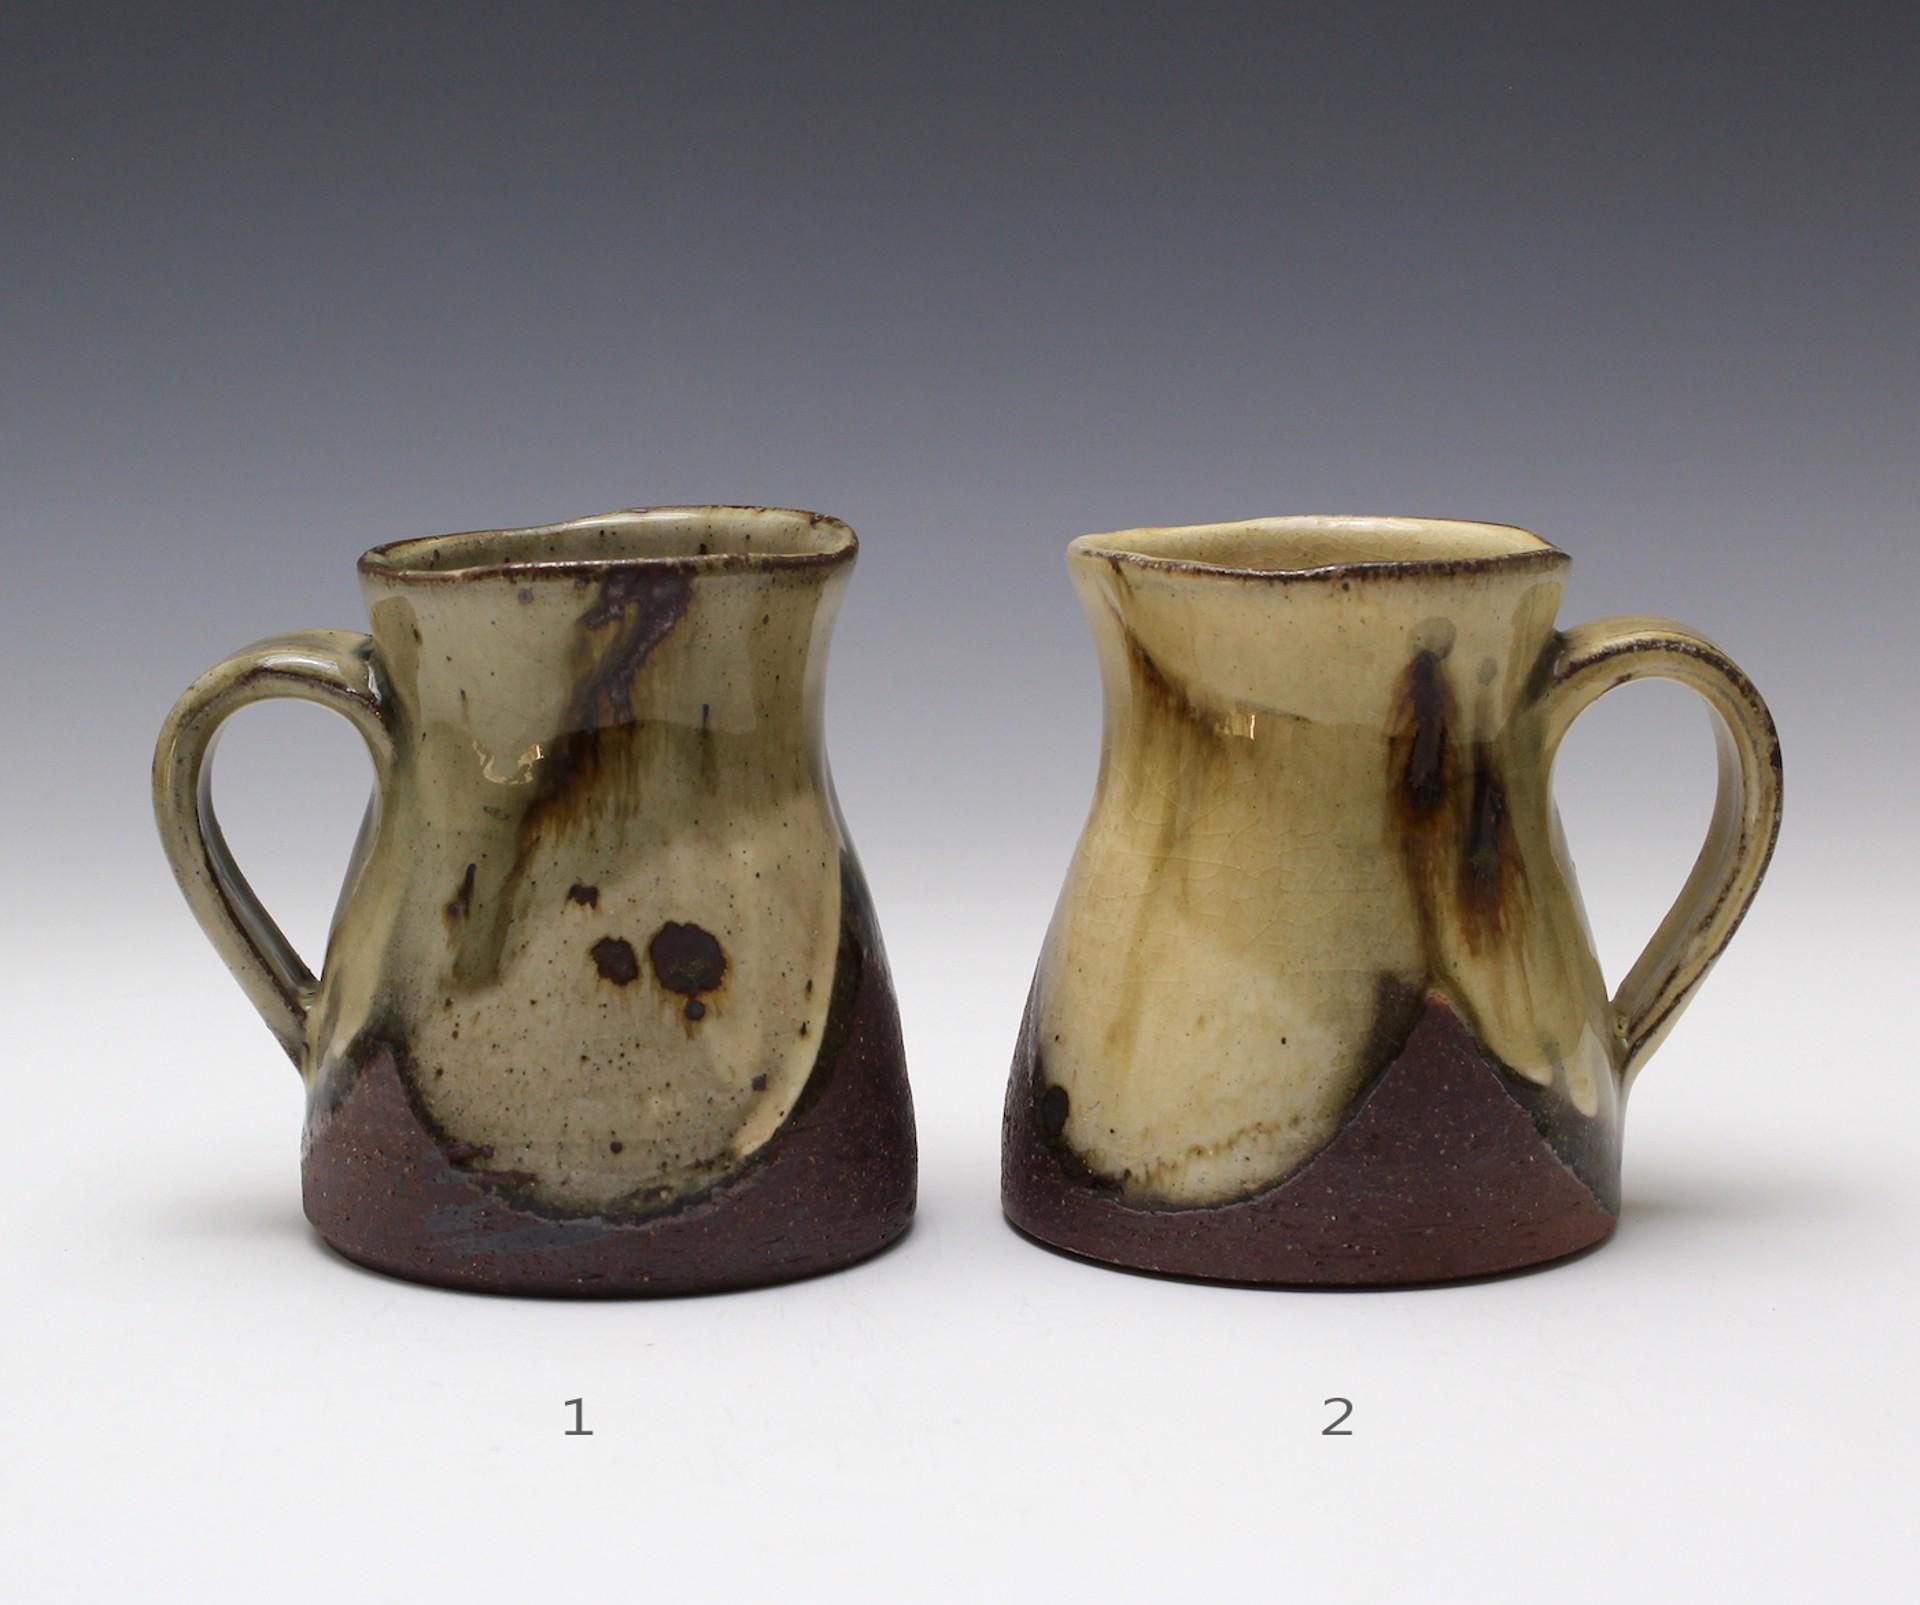 Wood Fired Mug 2 by Hitomi Shibata